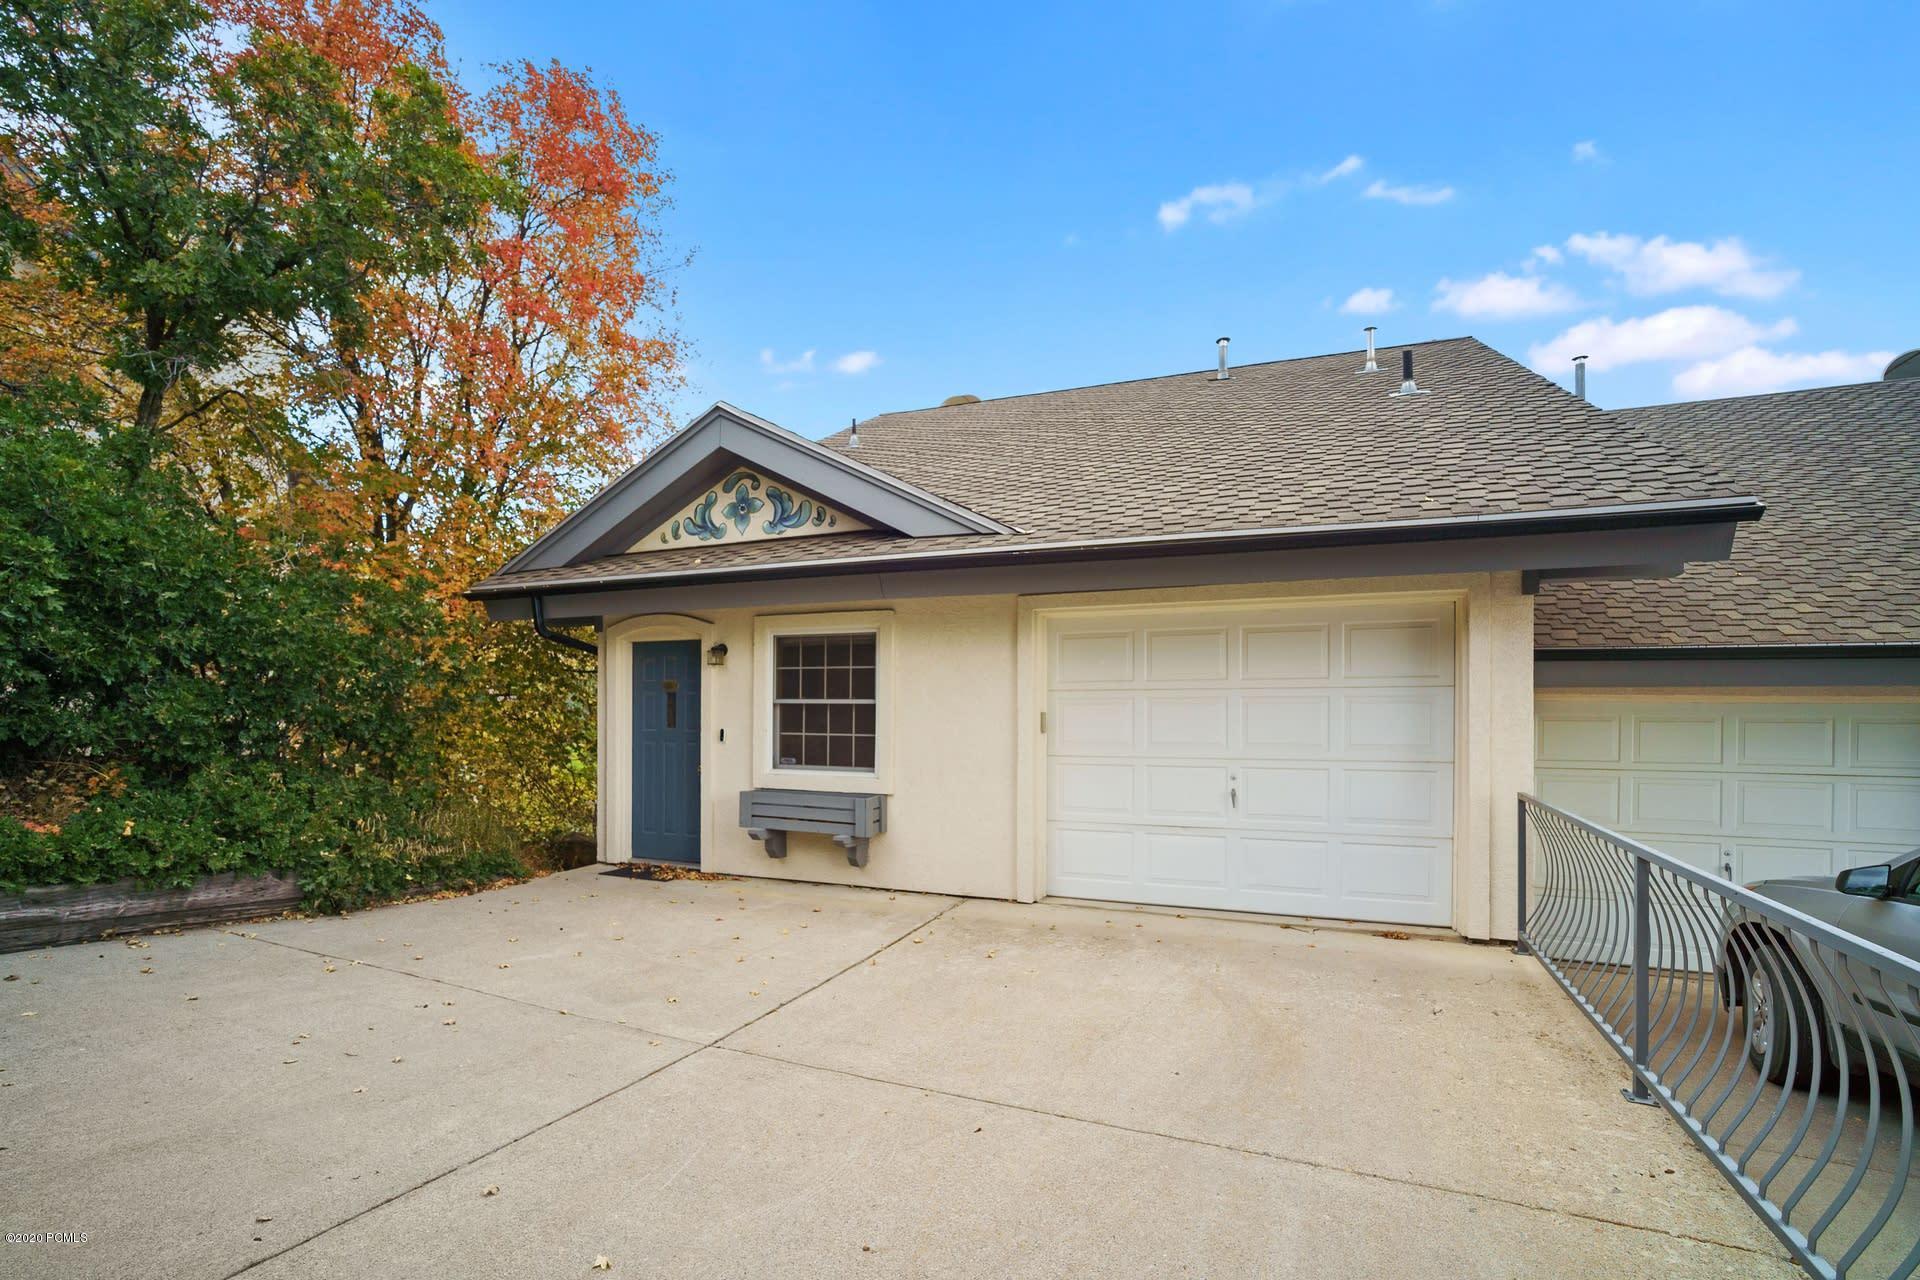 884 Schneitter Circle, Midway, Utah 84049, 3 Bedrooms Bedrooms, ,3 BathroomsBathrooms,Condominium,For Sale,Schneitter,12003703